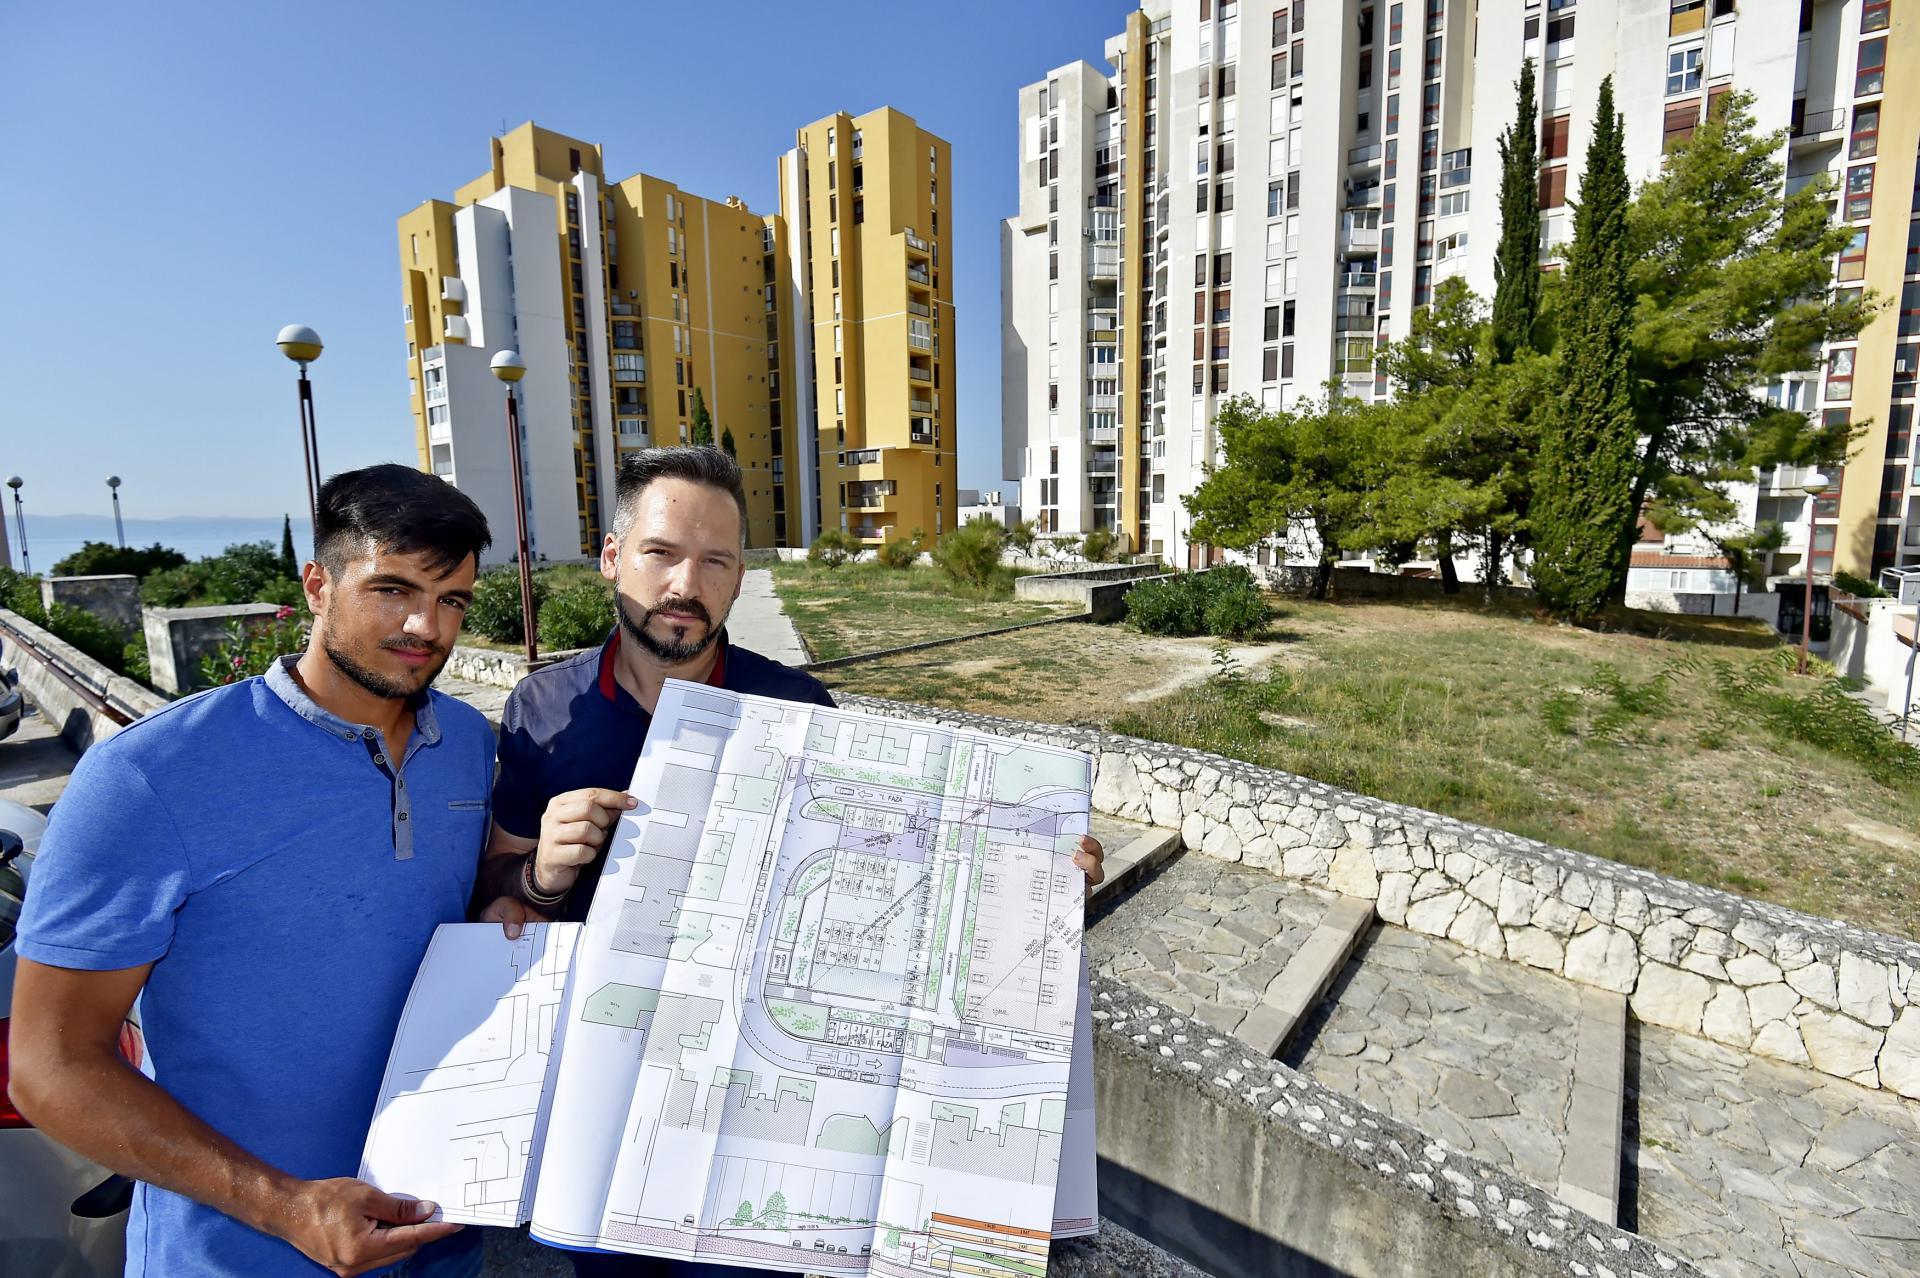 Predsjednik GK Mertojak Josip Perić i njegov zamjenik Marin Jukić predlažu izgradnju rotora kako bi se rasteretila Doverska ulica i olakšao pristup vatrogascima